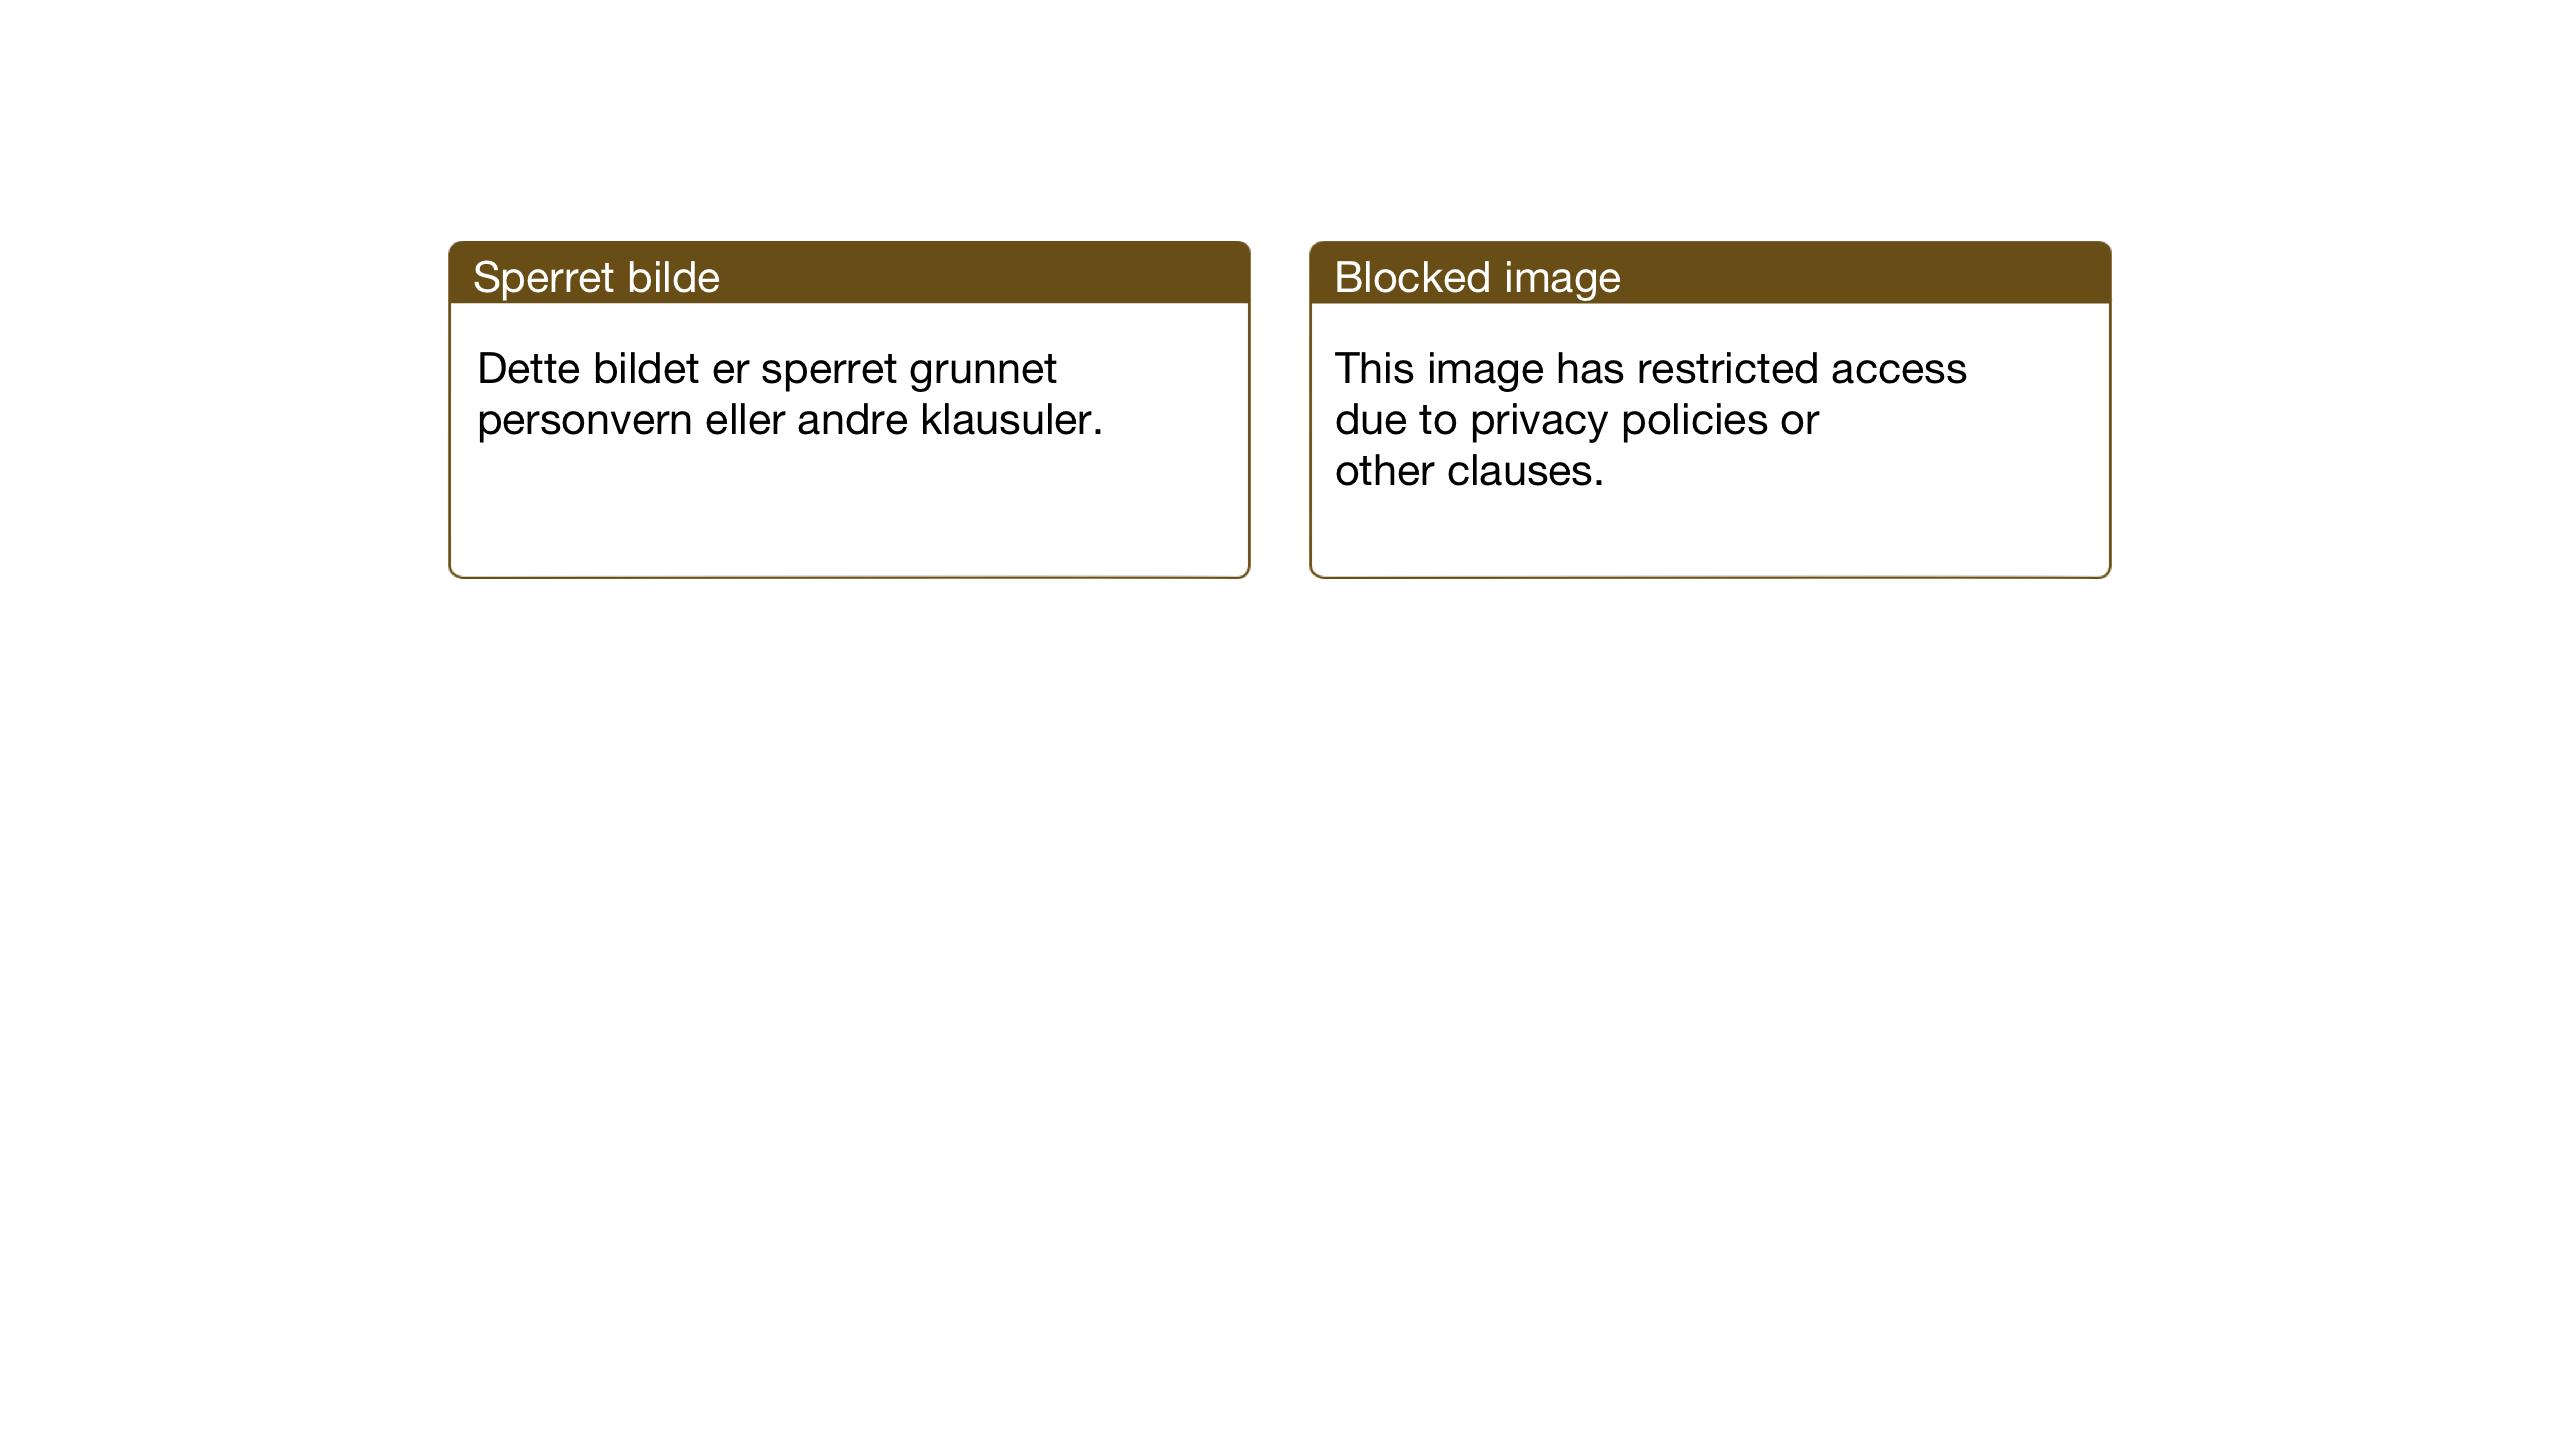 SAT, Ministerialprotokoller, klokkerbøker og fødselsregistre - Sør-Trøndelag, 603/L0177: Klokkerbok nr. 603C05, 1941-1952, s. 217